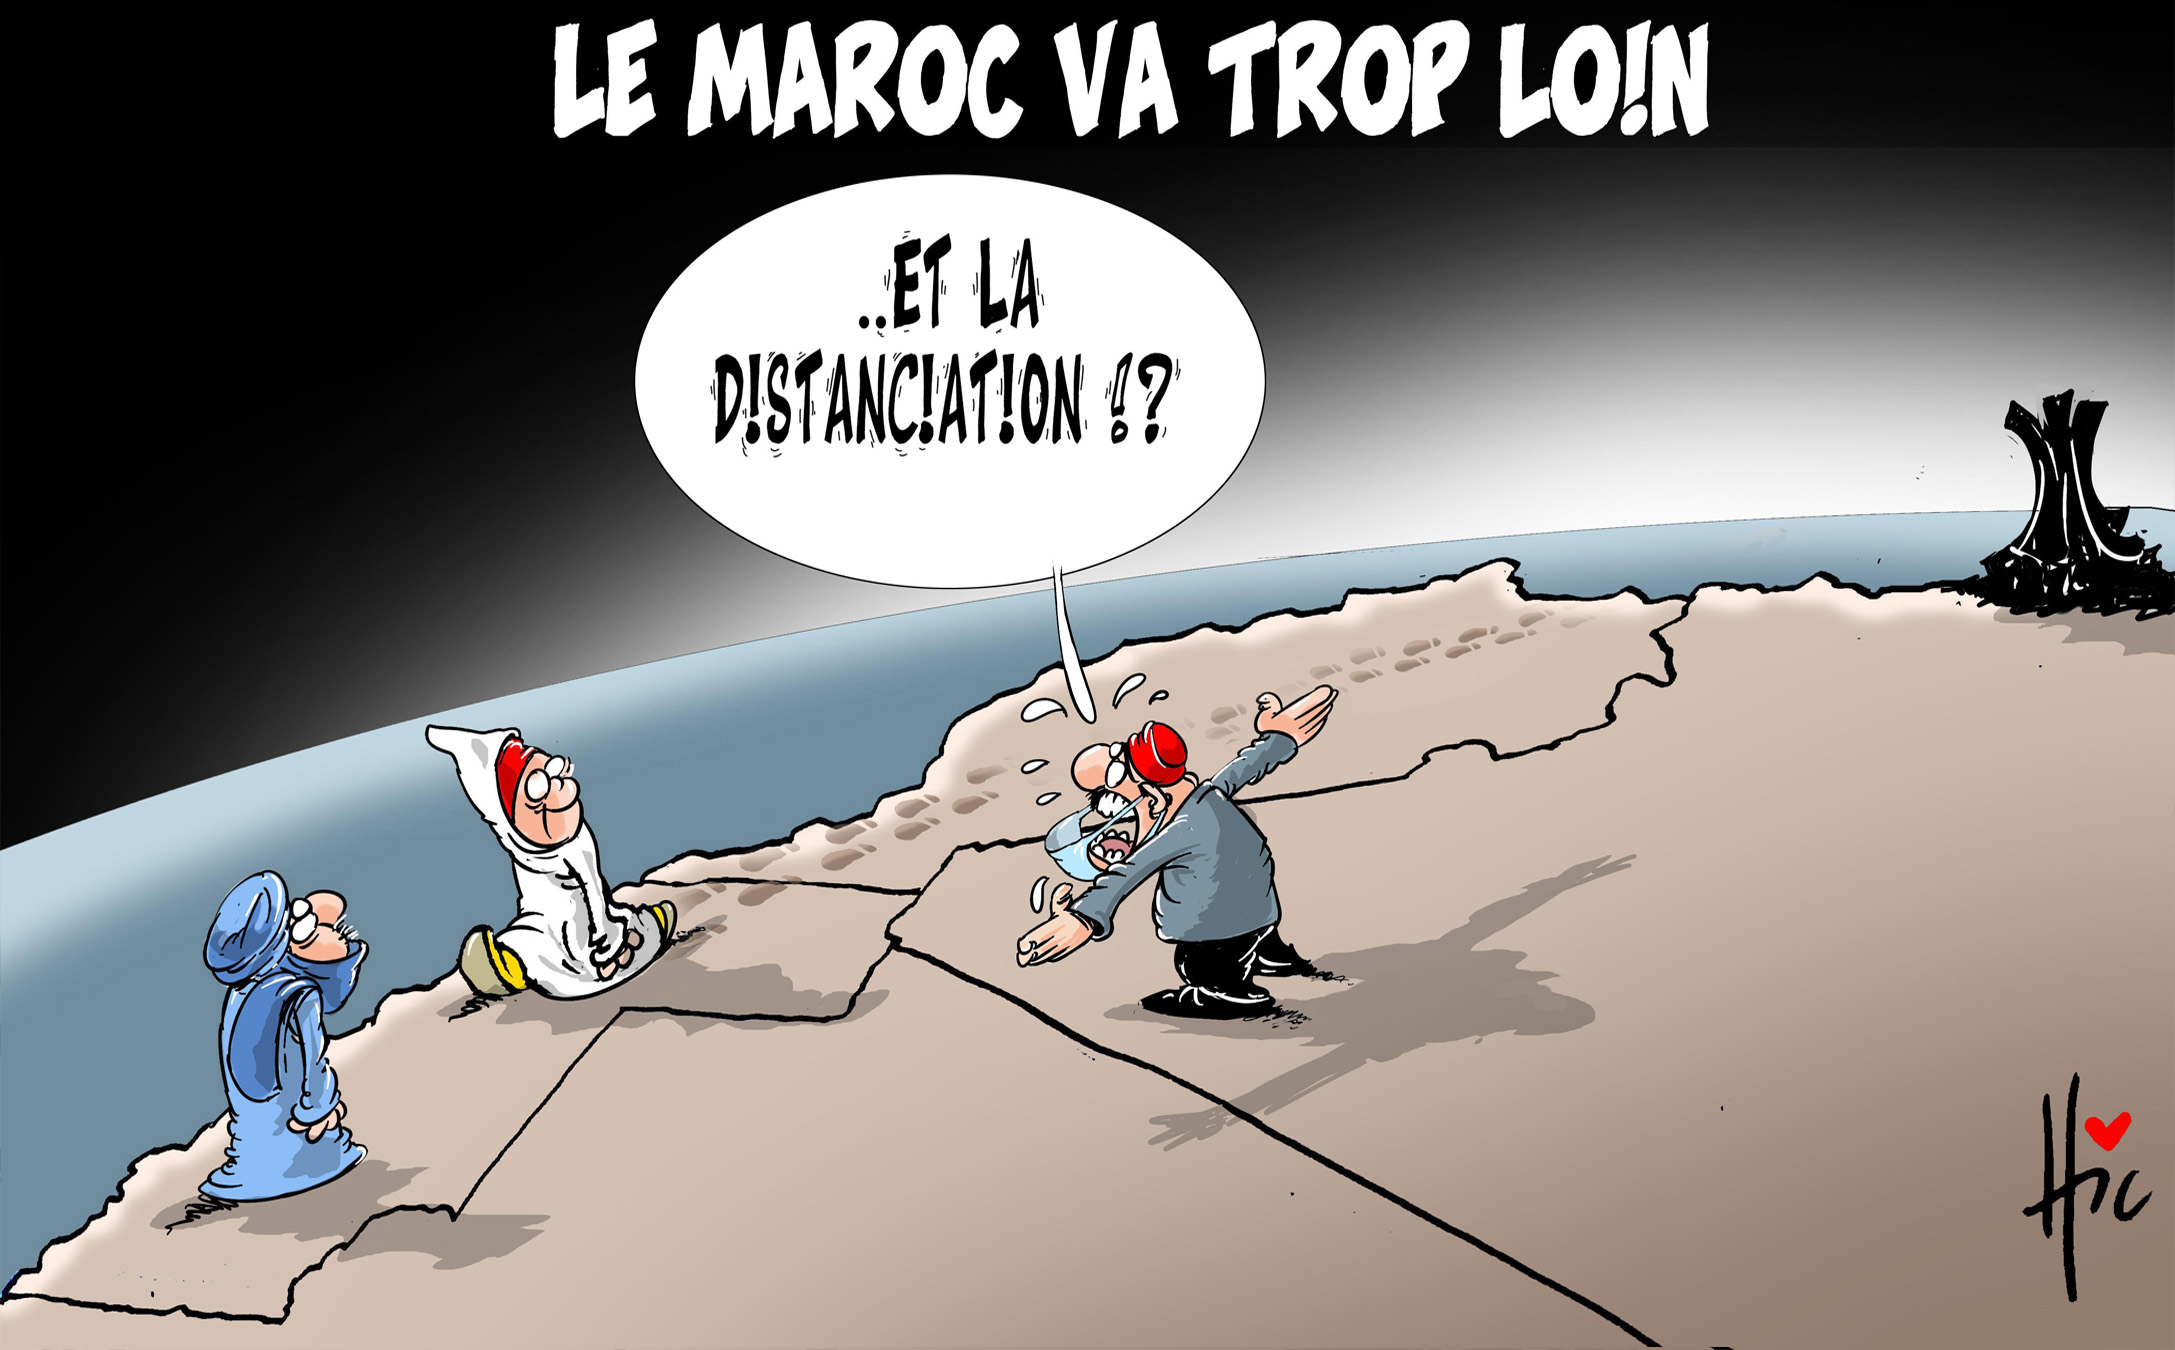 Le Maroc va trop loin - Maroc - Gagdz.com